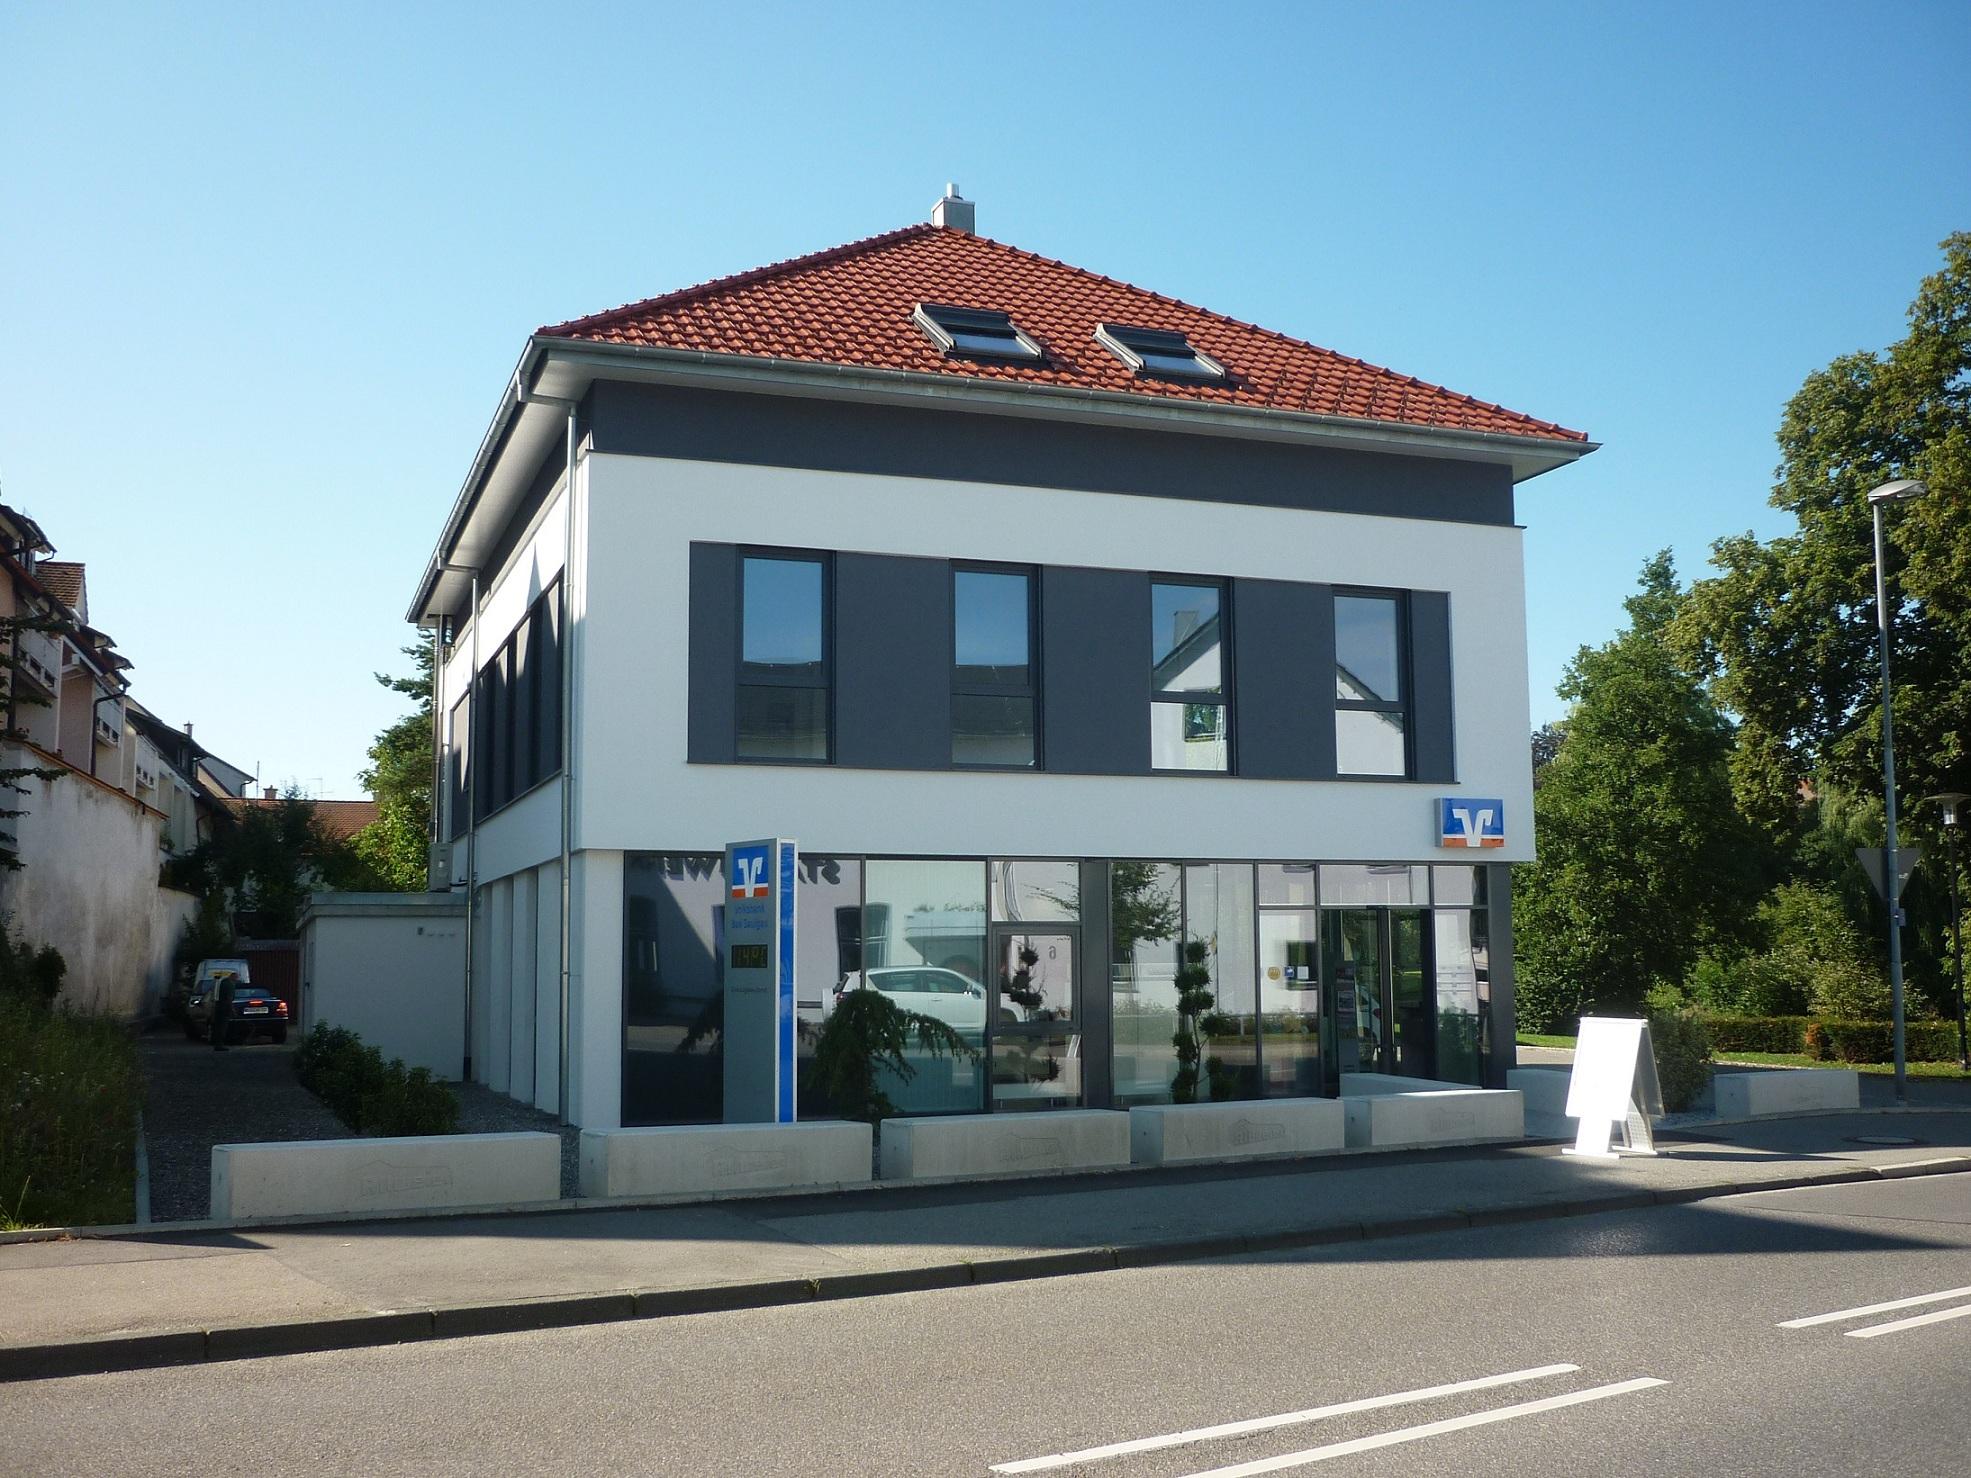 wohn, udo klamer* - neubau eines wohn- und geschäftshauses - projekte, Design ideen